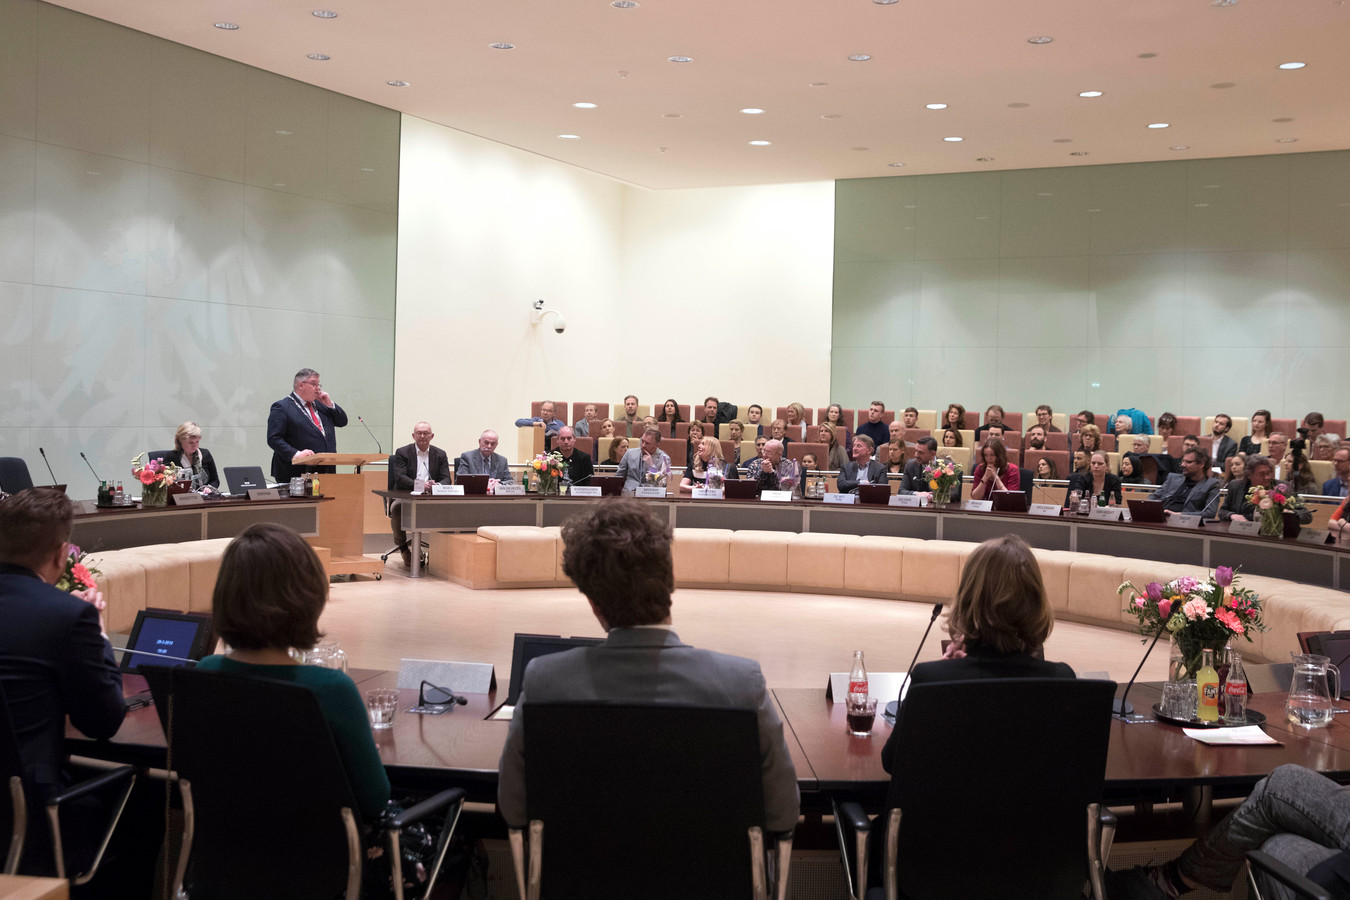 De nieuwe gemeenteraad van Nijmegen wordt maart 2018 toegesproken door burgemeester Hubert Bruls.